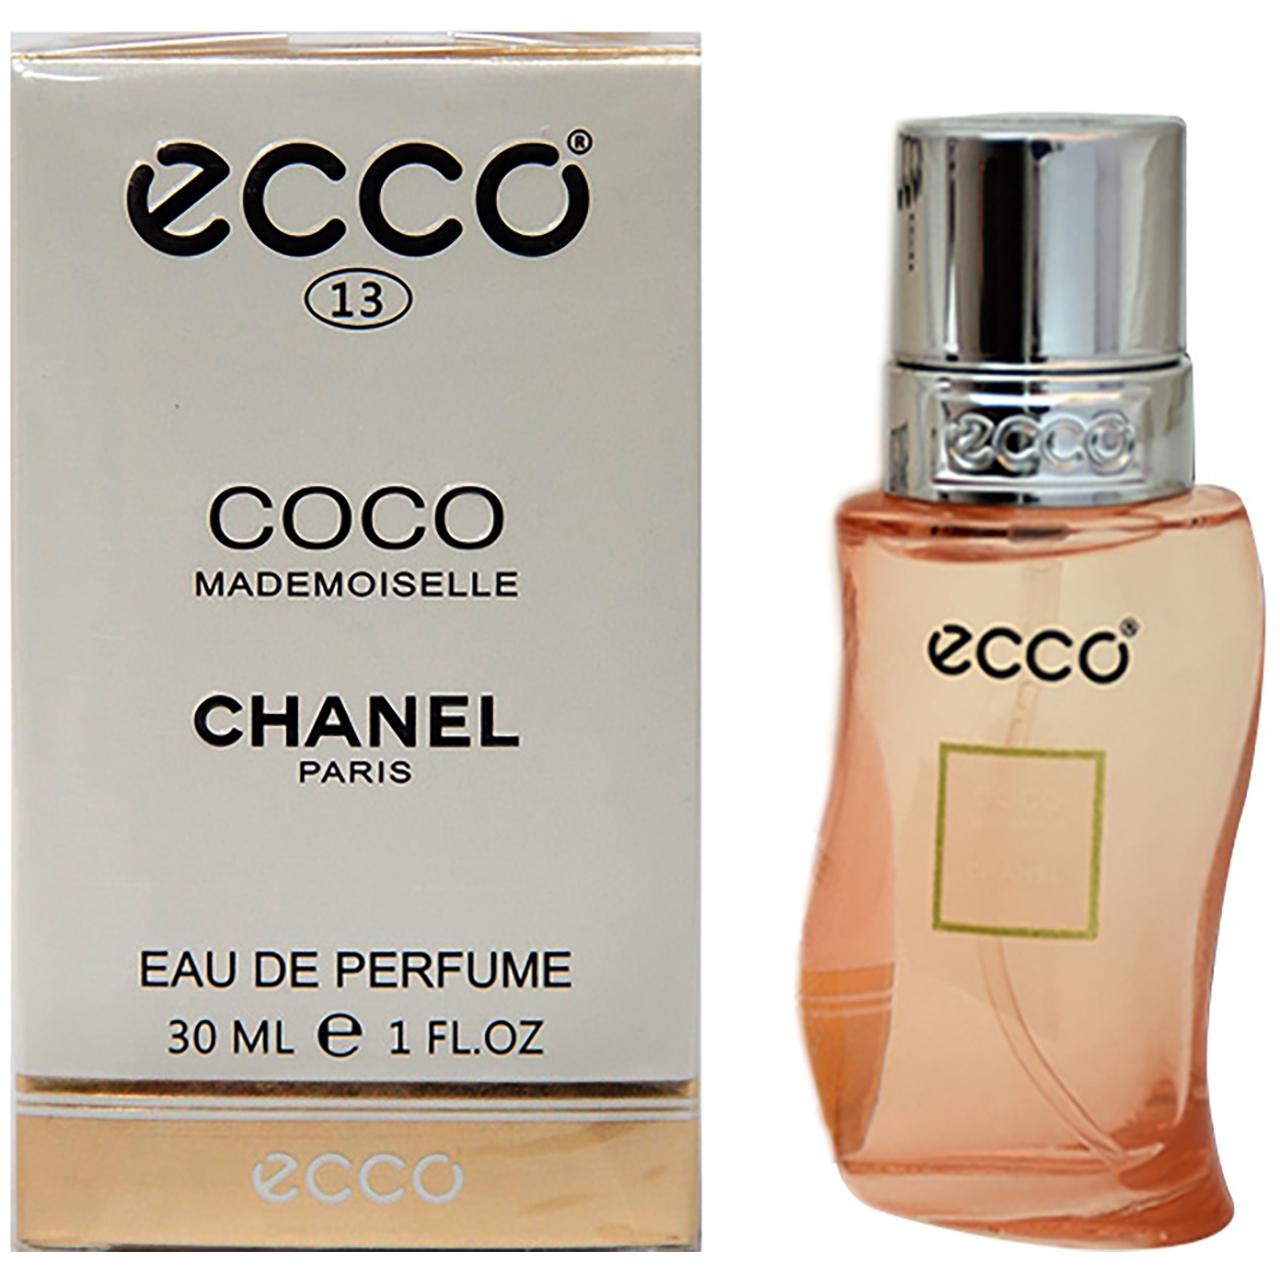 ادوپرفیوم زنانه اکو مدل COCO Mademoiselle CHANEL